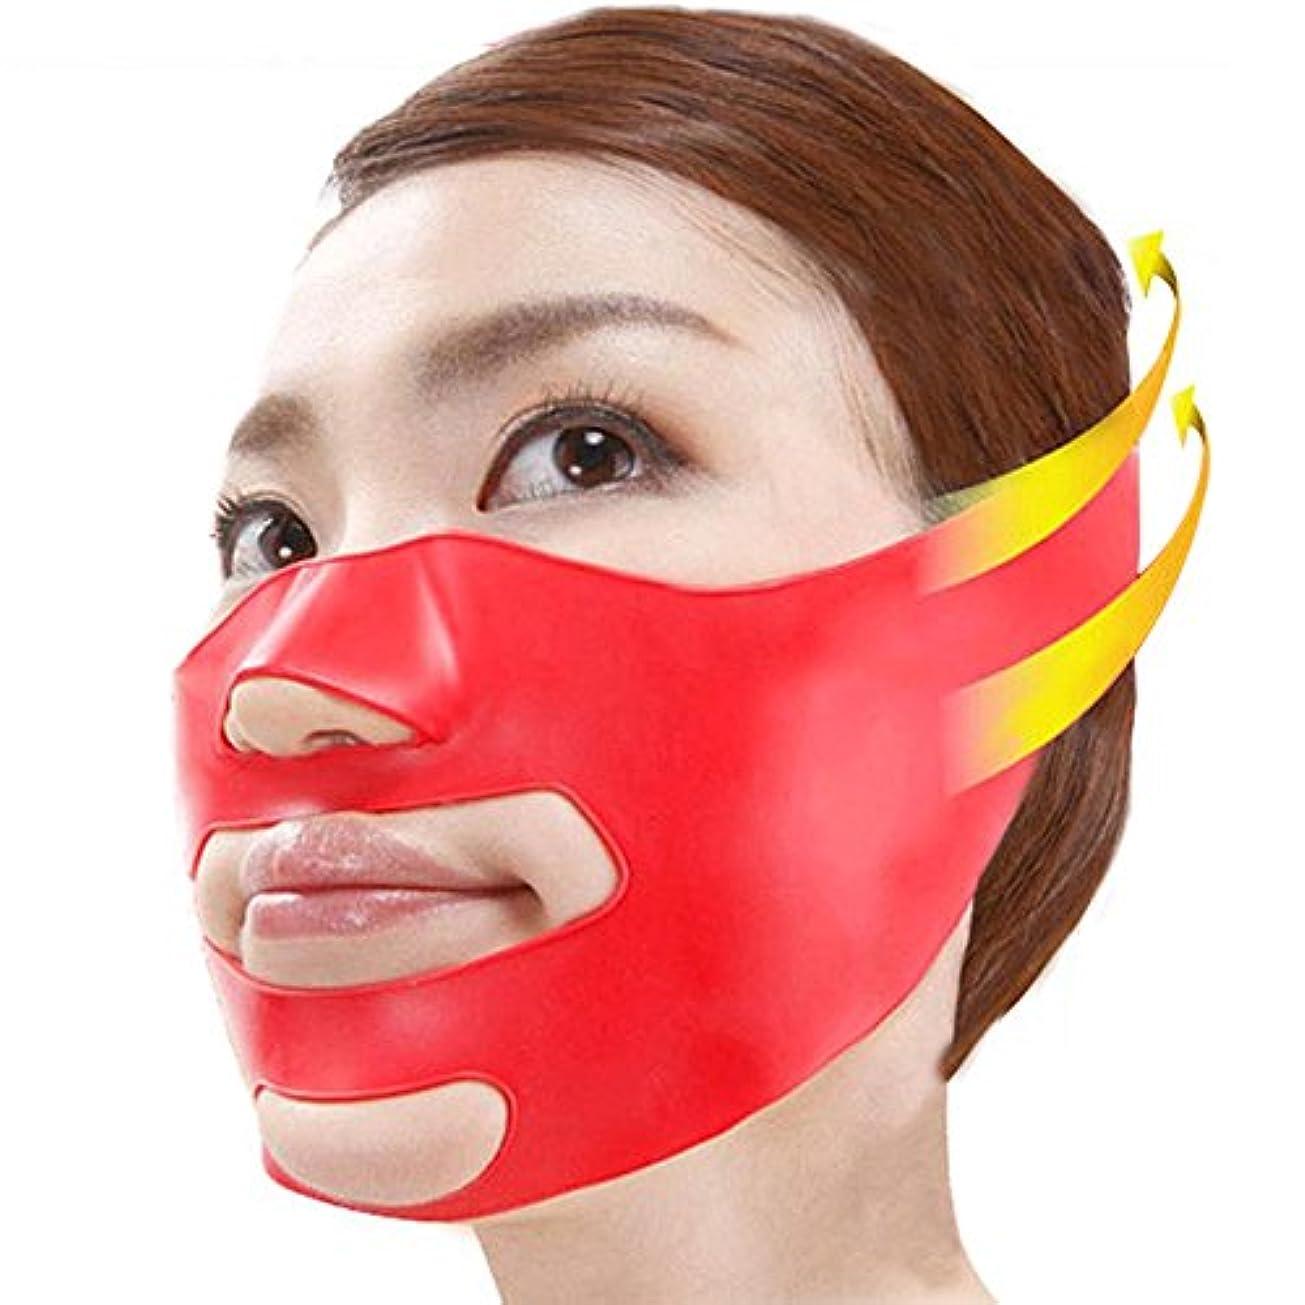 感情の悔い改める孤独3D 小顔 マッサージグッズ フェイスマスク 美容 顔痩せ ほうれい線 消す グッズ 美顔 矯正 (フリーサイズ, レッド)